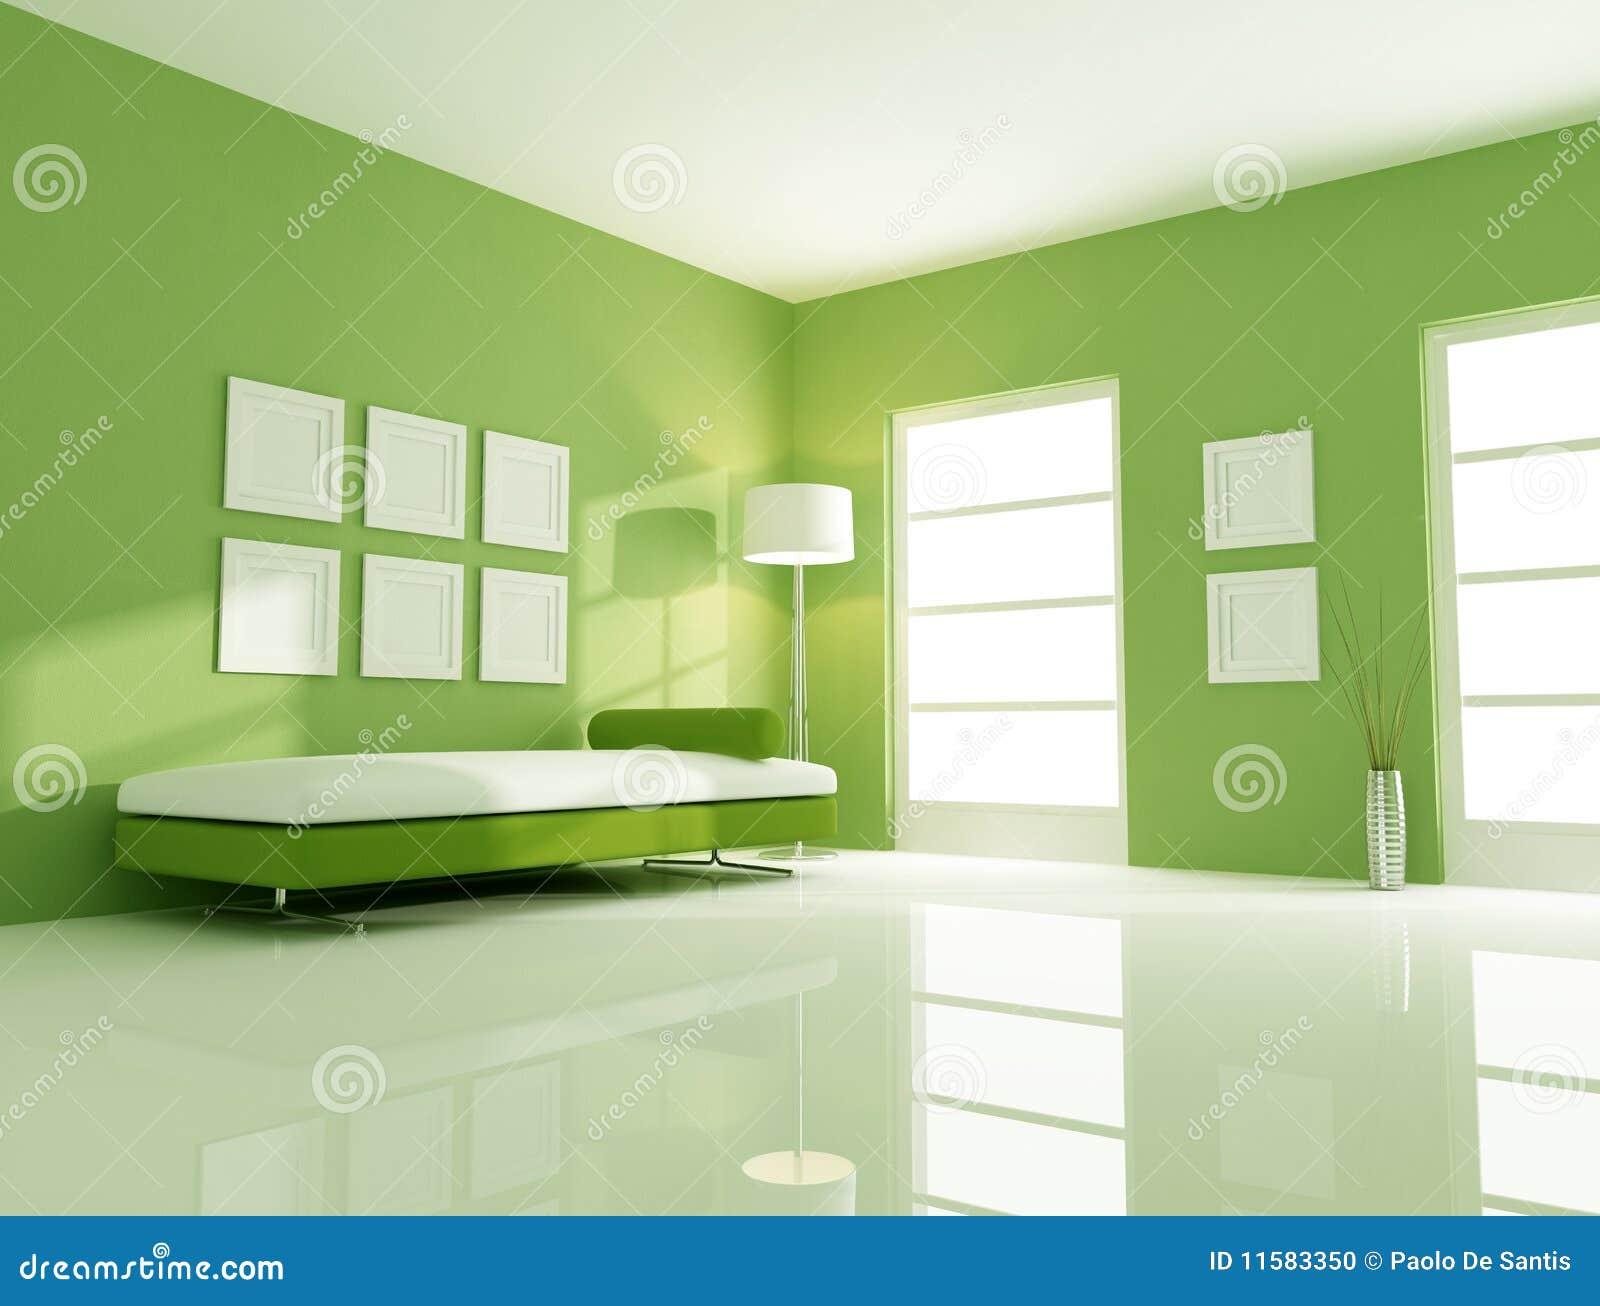 鲜绿色的空间